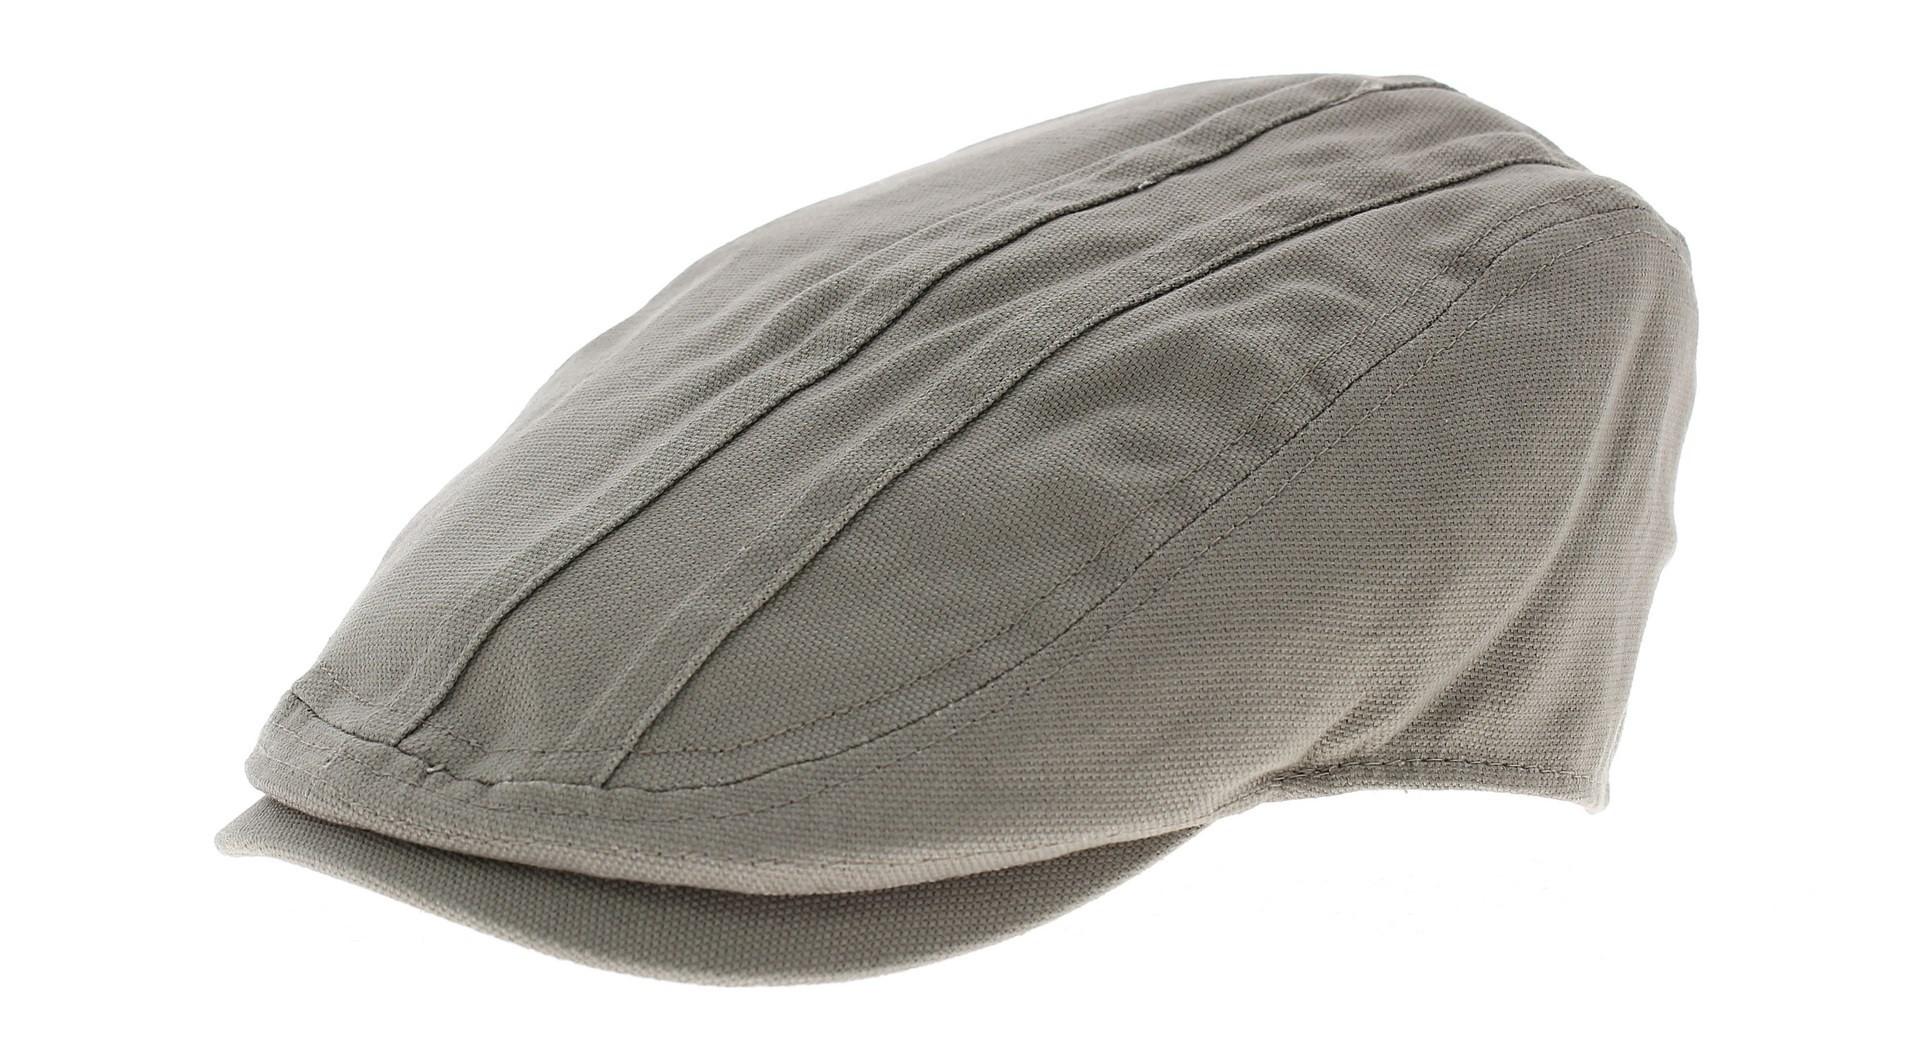 069849d0c1 https://www.chapellerie-traclet.com/fr/bonnet/3202-bonnet-a-pompon ...